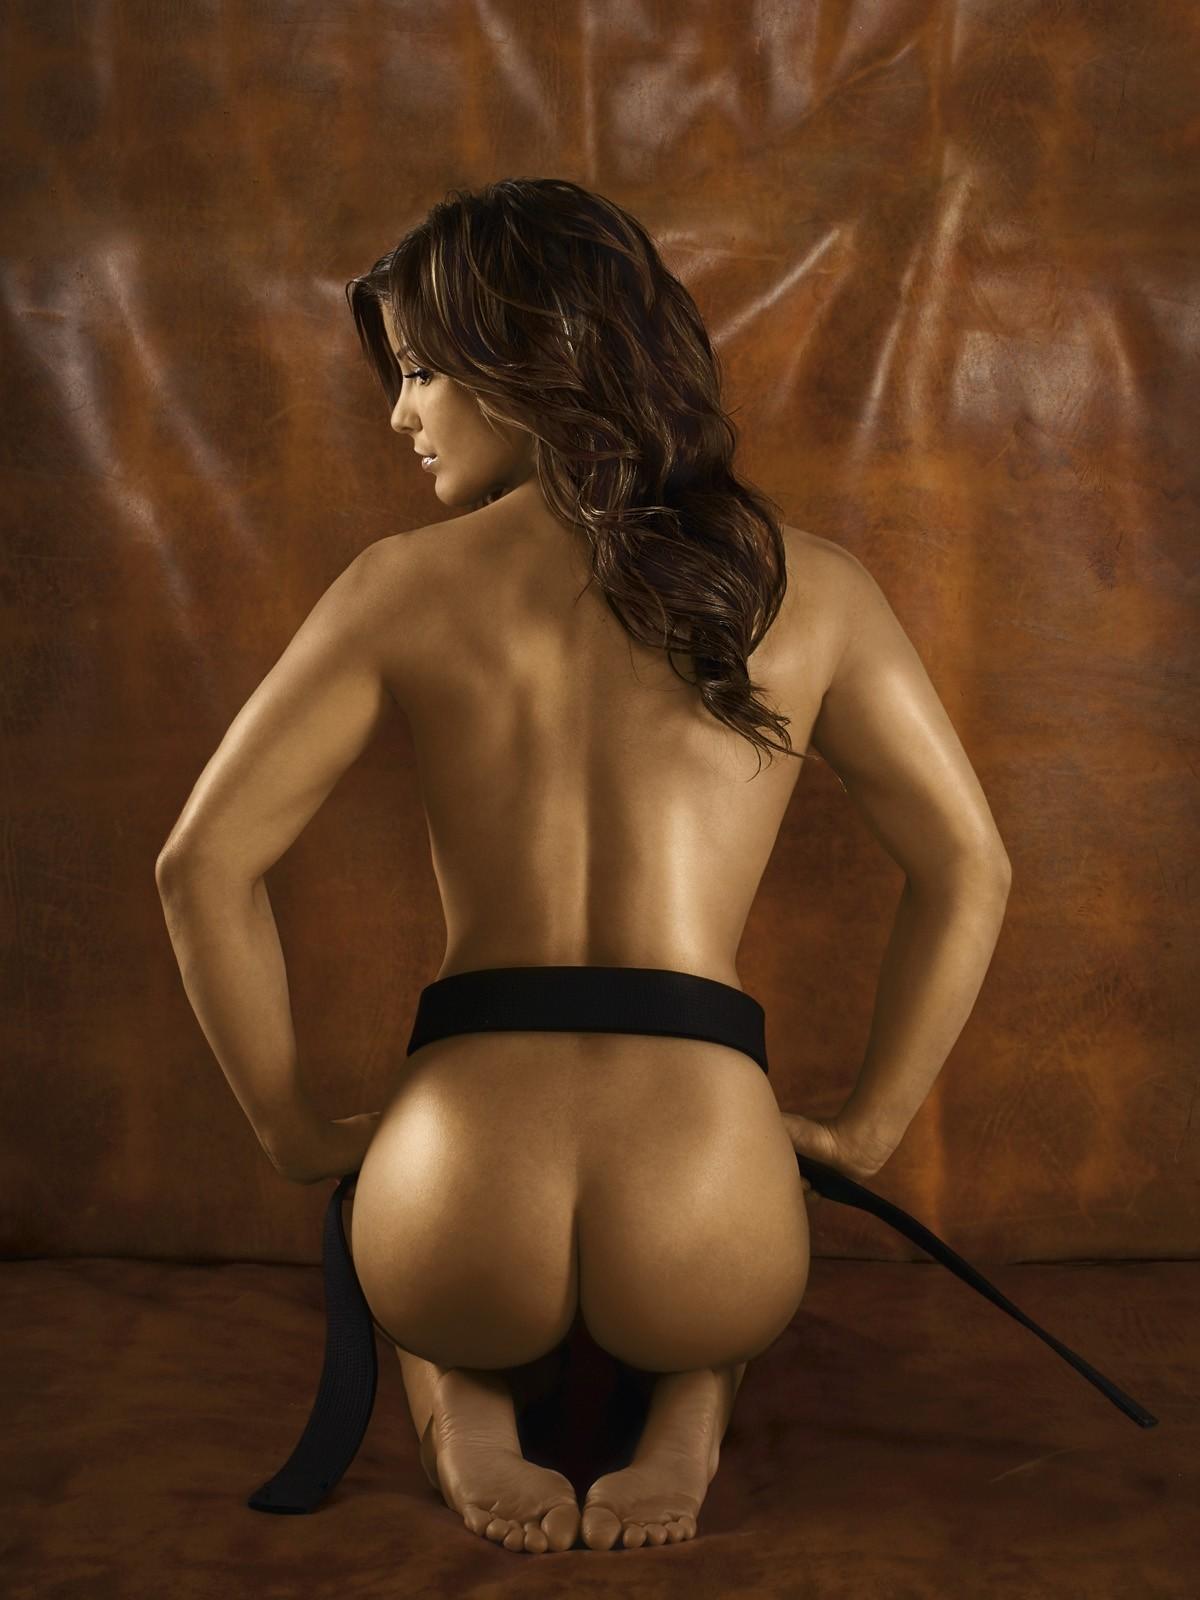 Naked olympic female atheletes nude